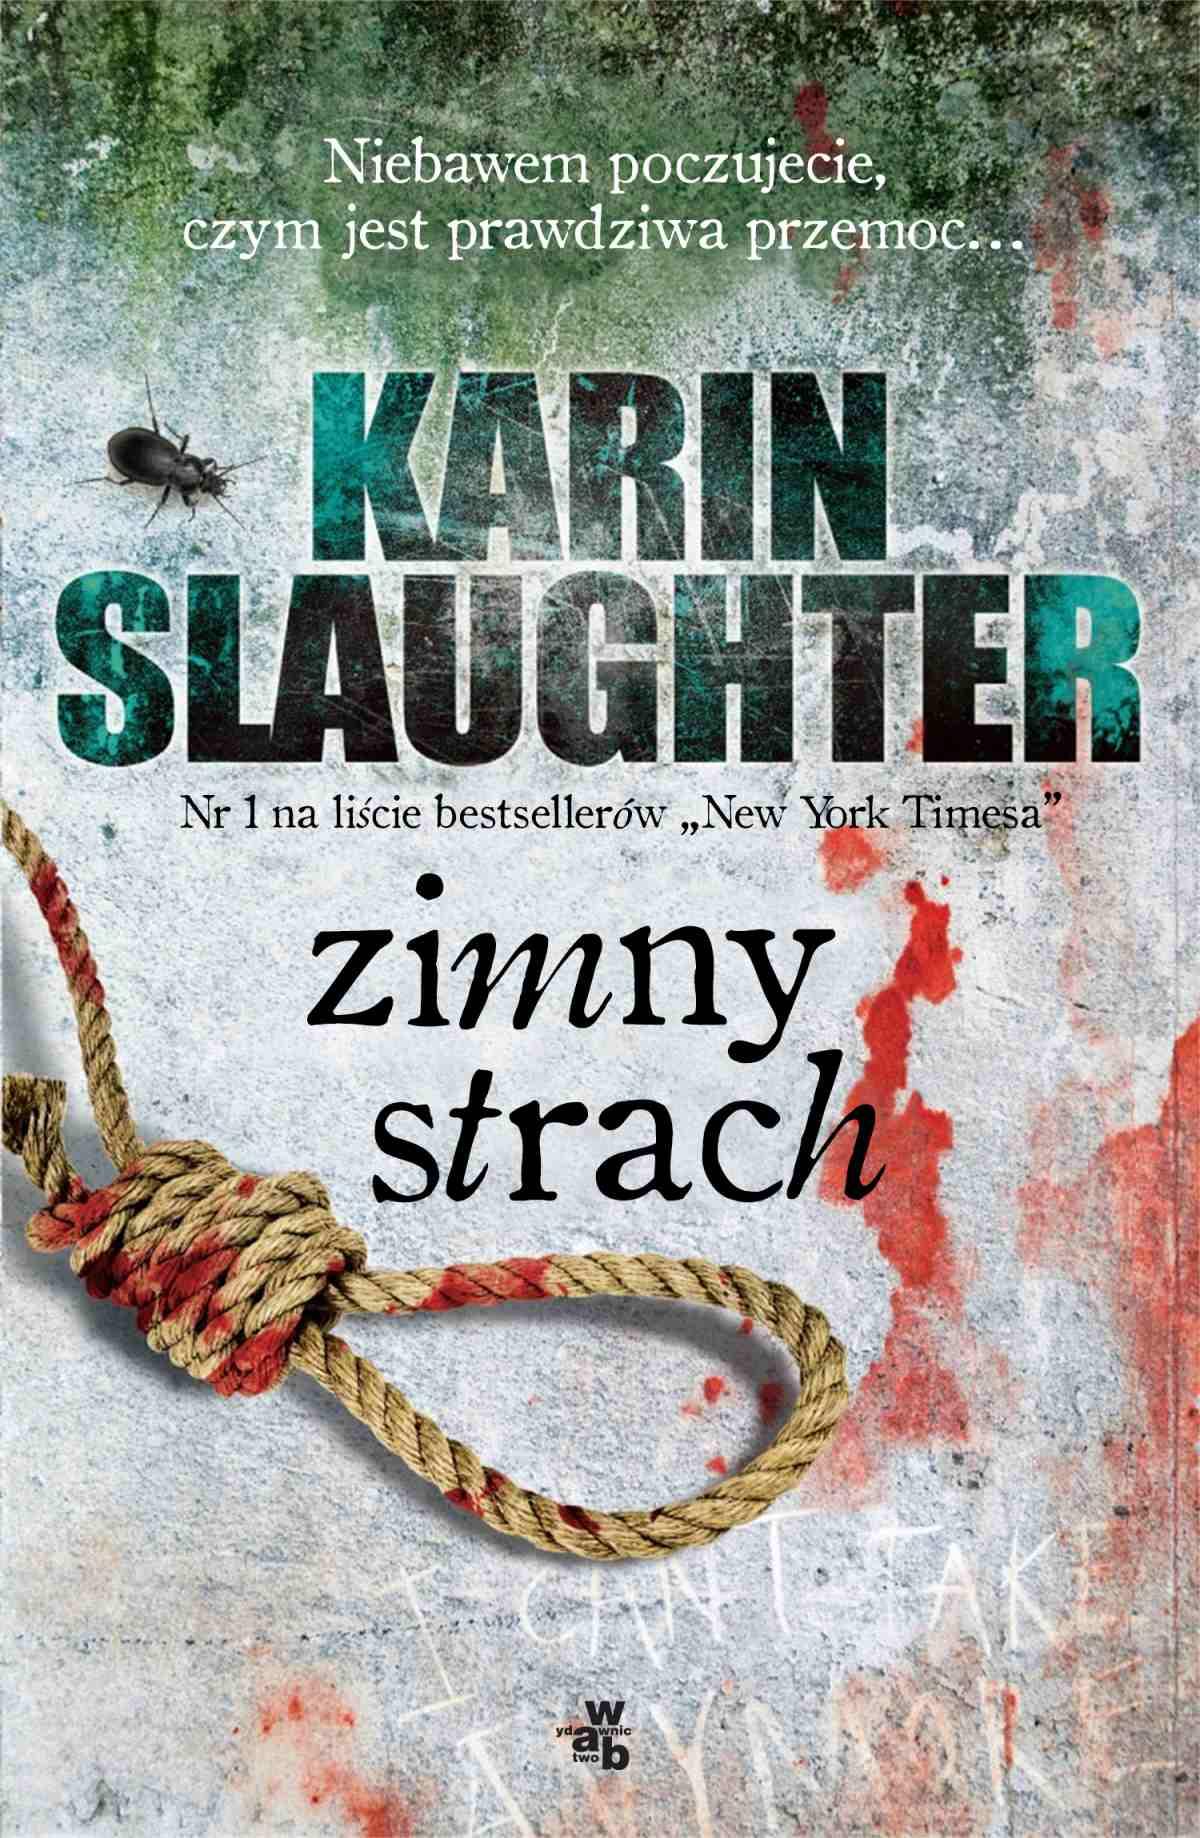 Zimny strach - Tylko w Legimi możesz przeczytać ten tytuł przez 7 dni za darmo. - Karin Slaughter